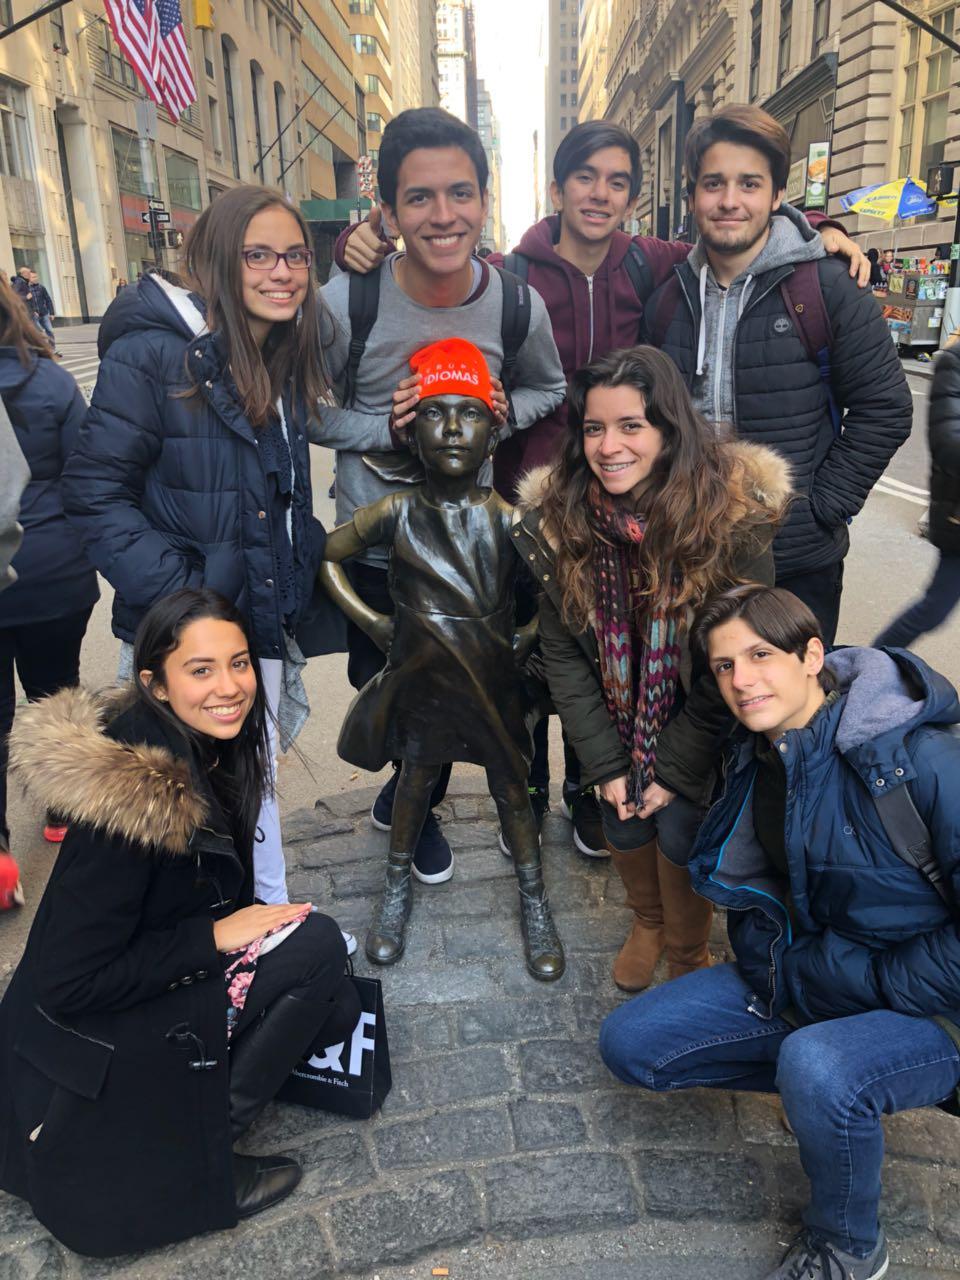 Viaje a New York es parte de las actividades y excursiones de Programa de Boston